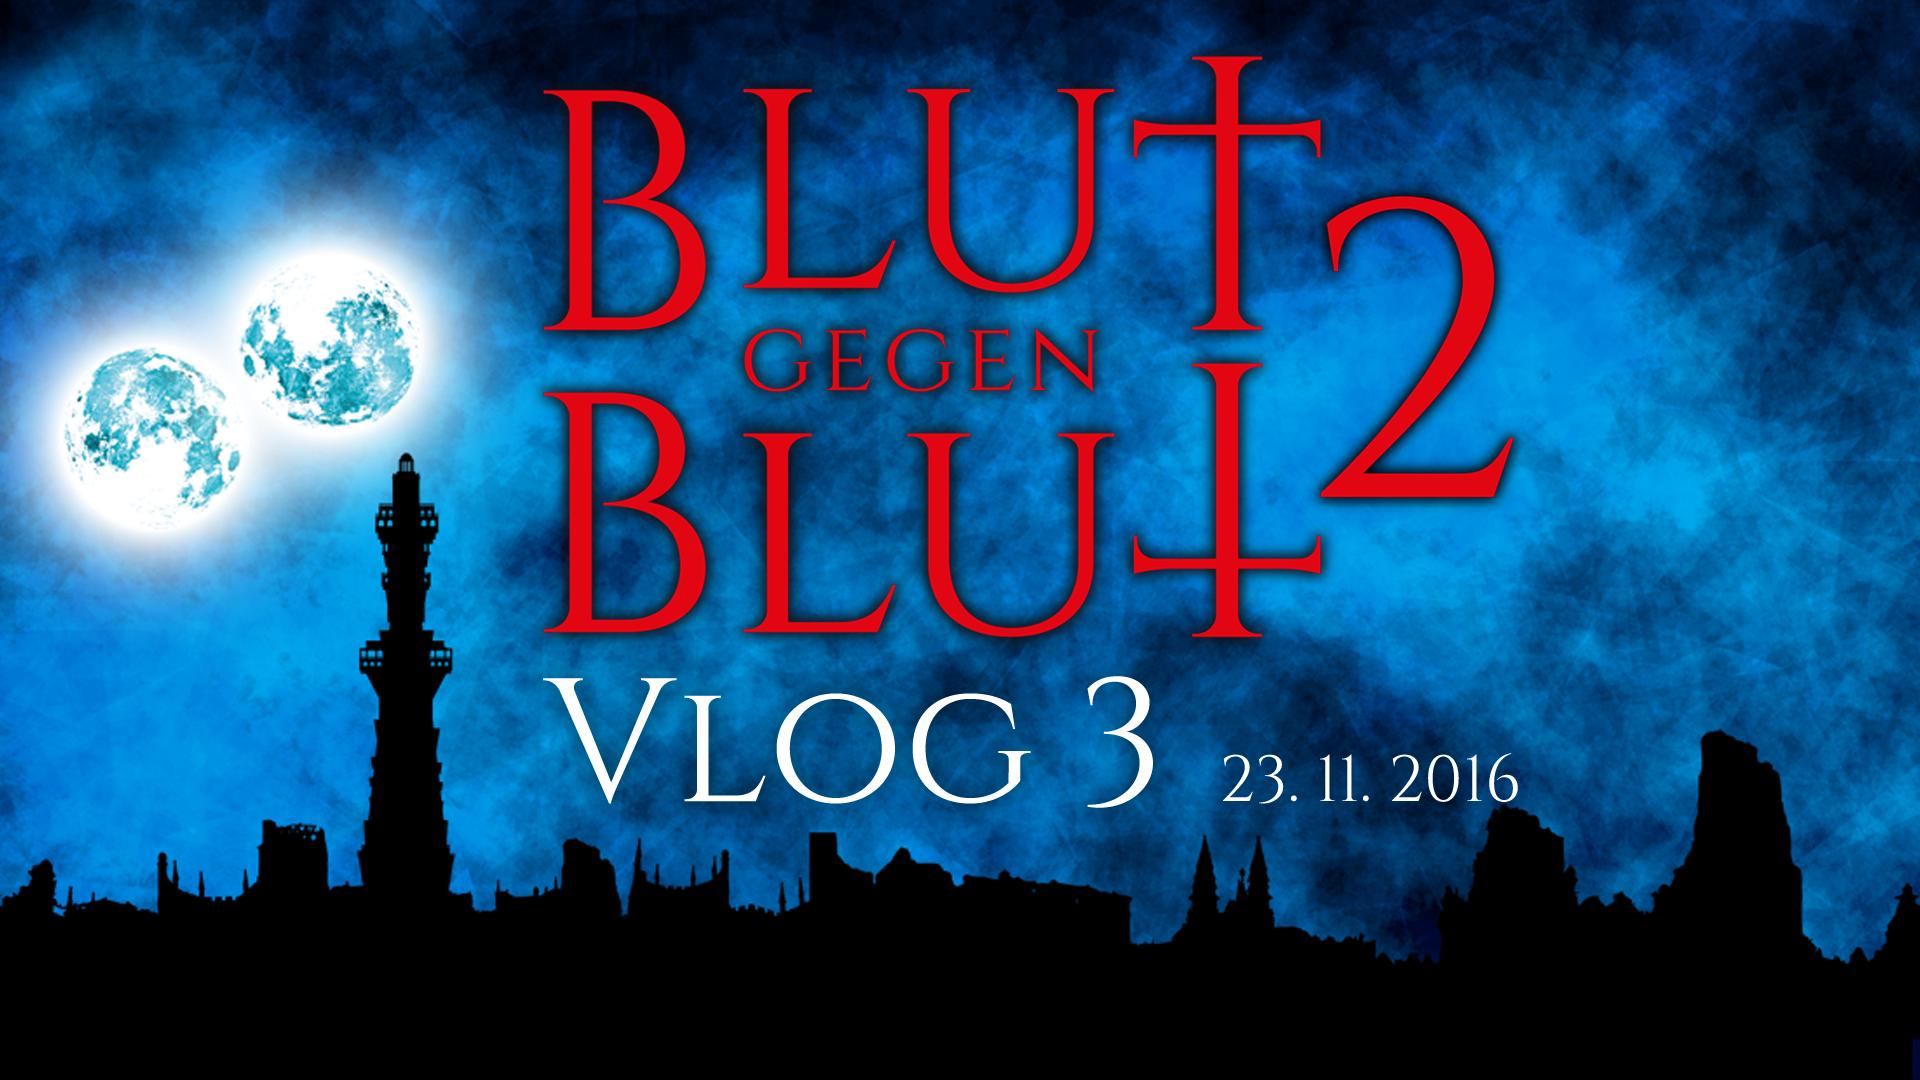 Blut gegen Blut 2 - VLOG 3